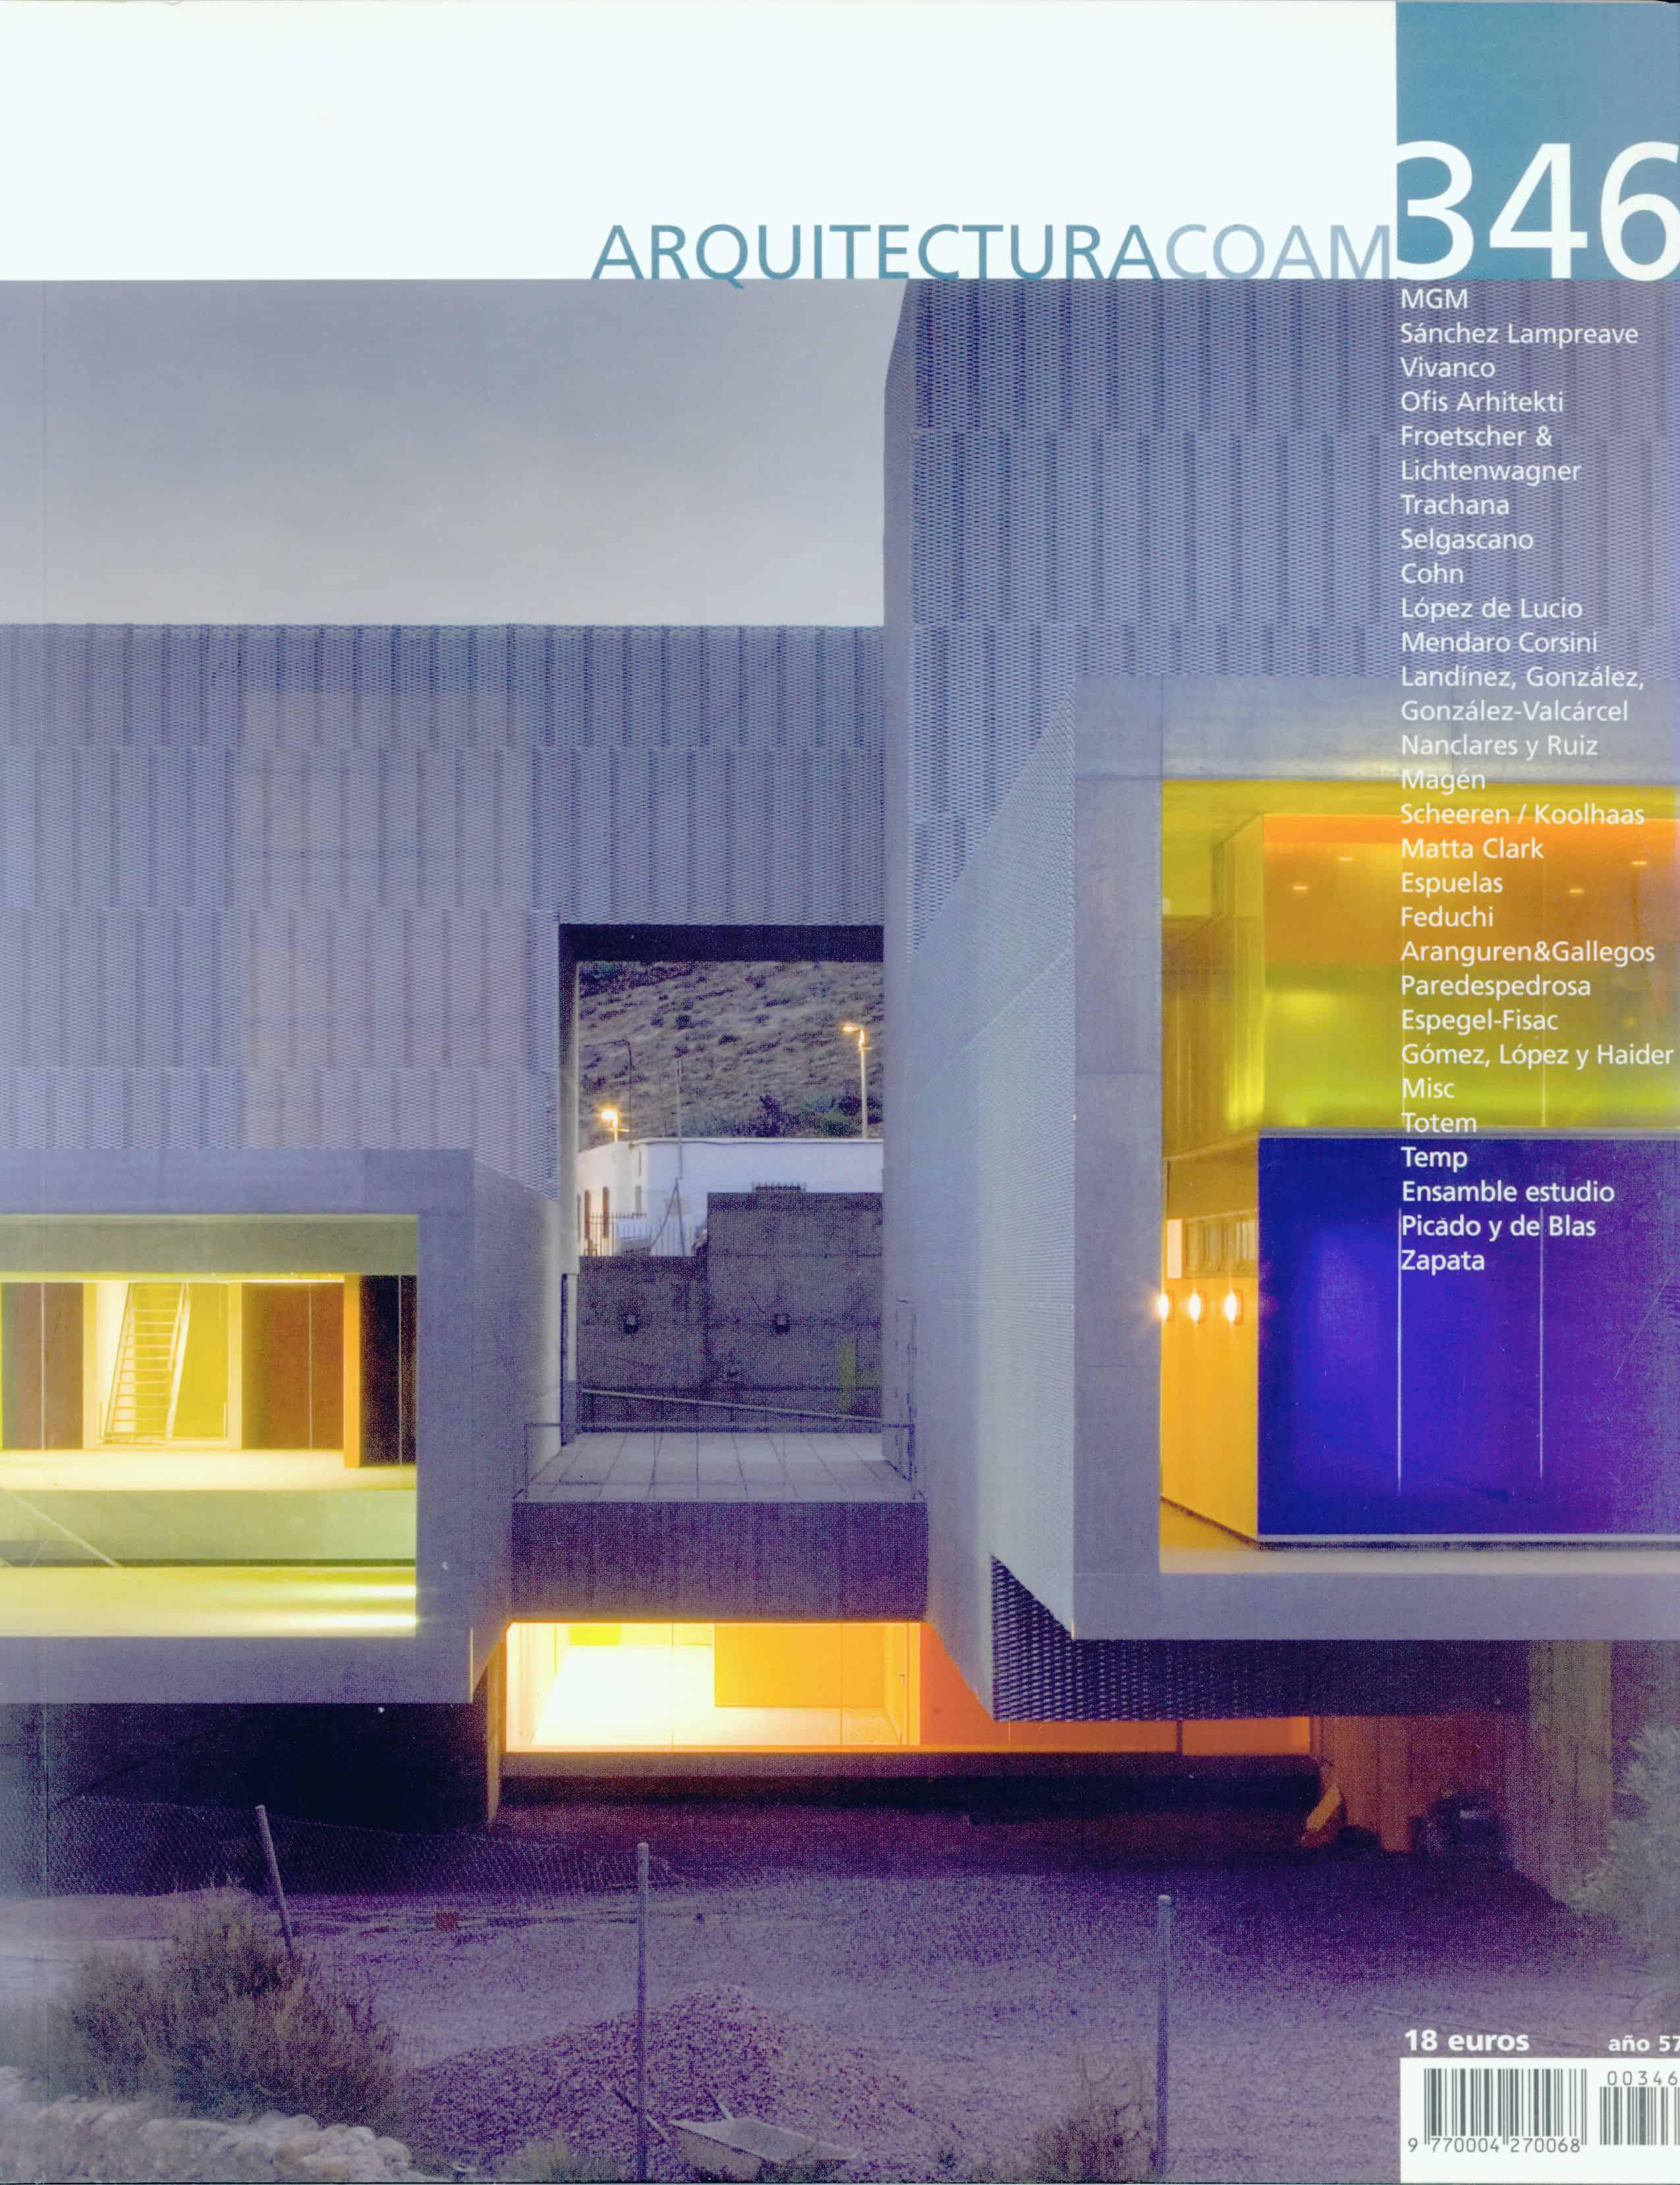 obra publicada -COAM revista ARQUITECTURA 346 LANDINEZ+REY arquitectos